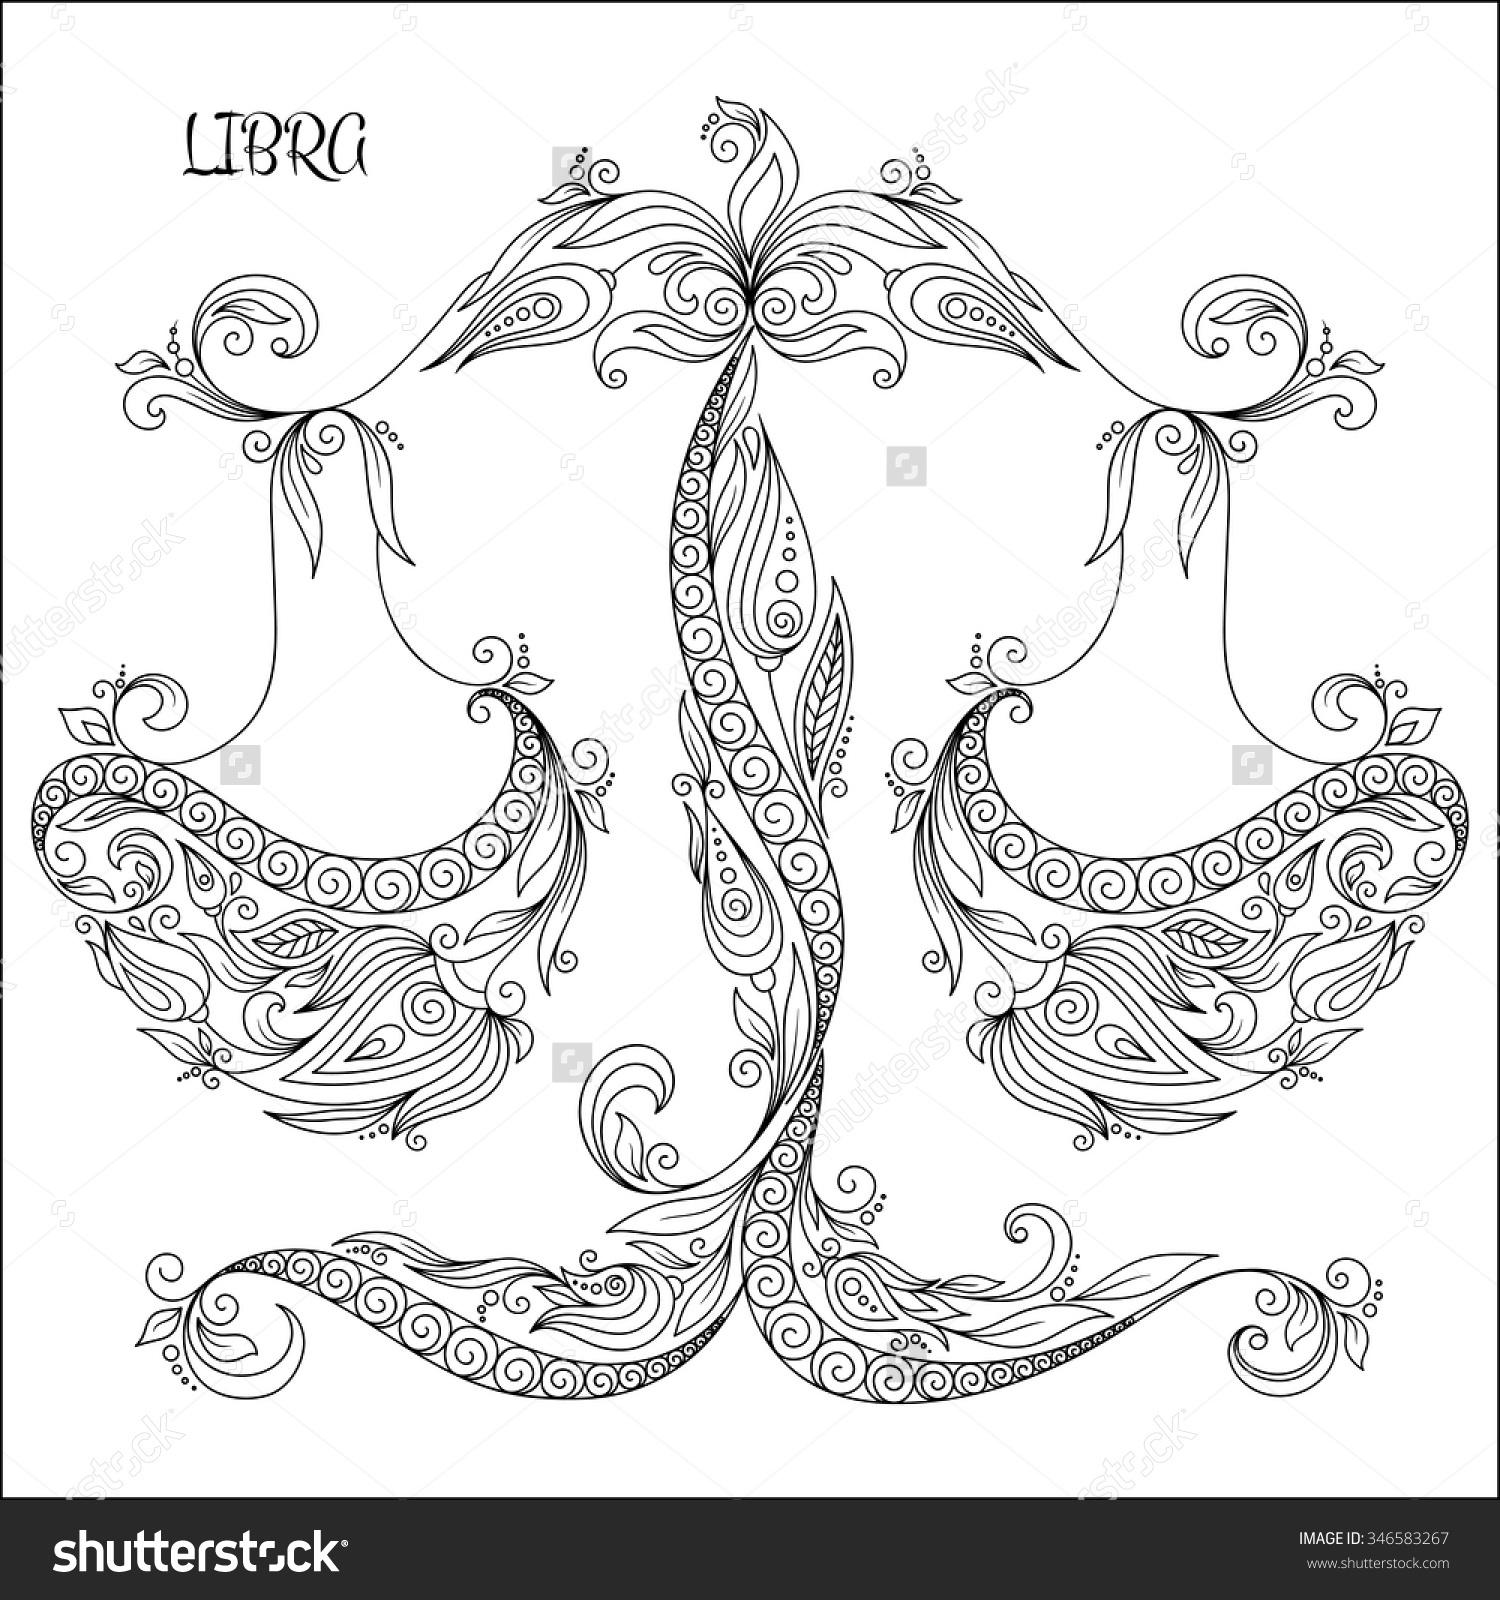 Libra Coloring Download Libra Coloring